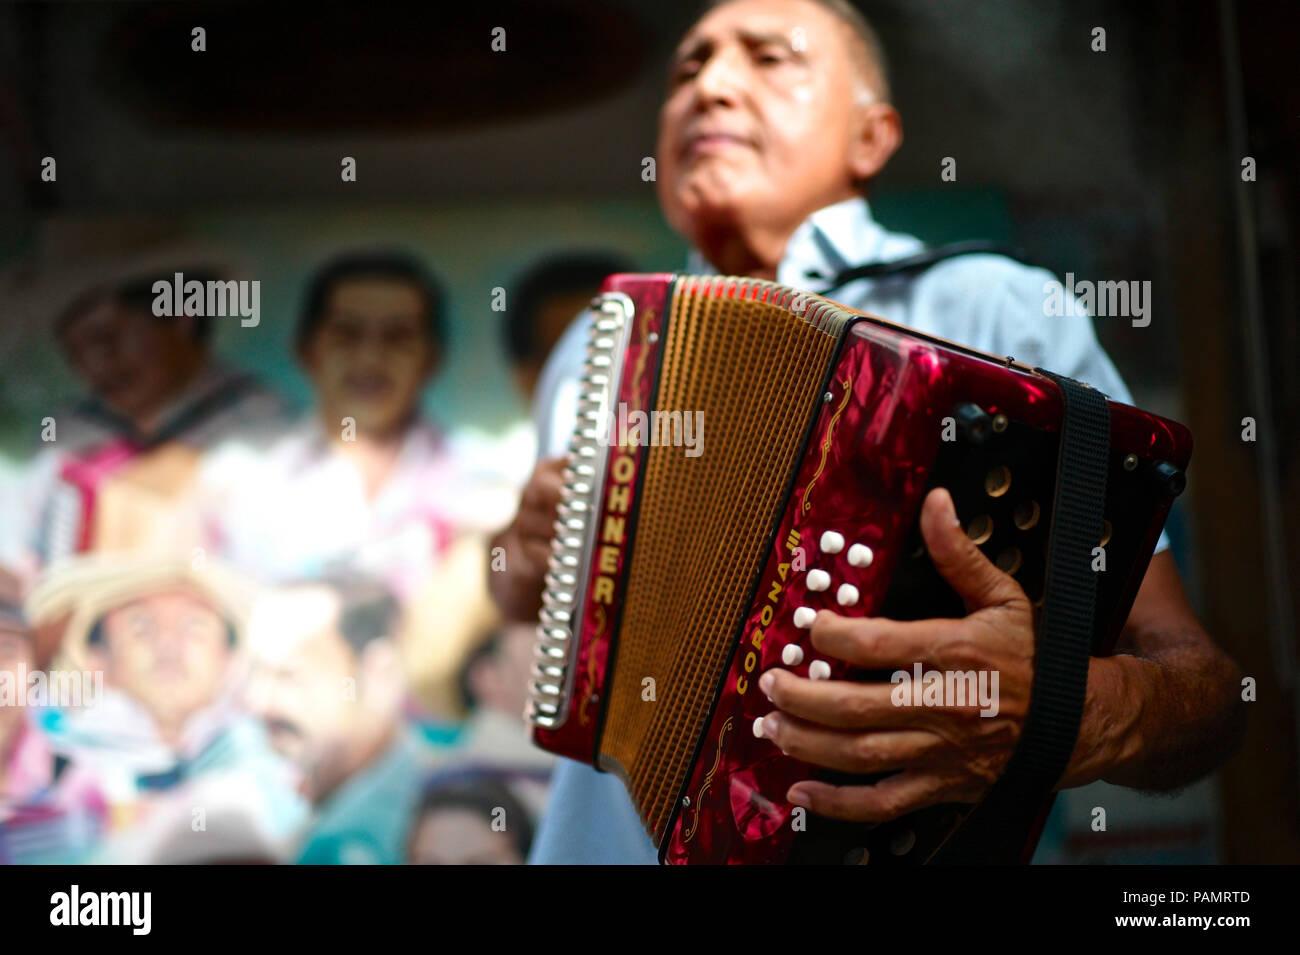 Compositor de vallenato colombiano Beto Murgas en su casa y museo de acordeón Foto de stock